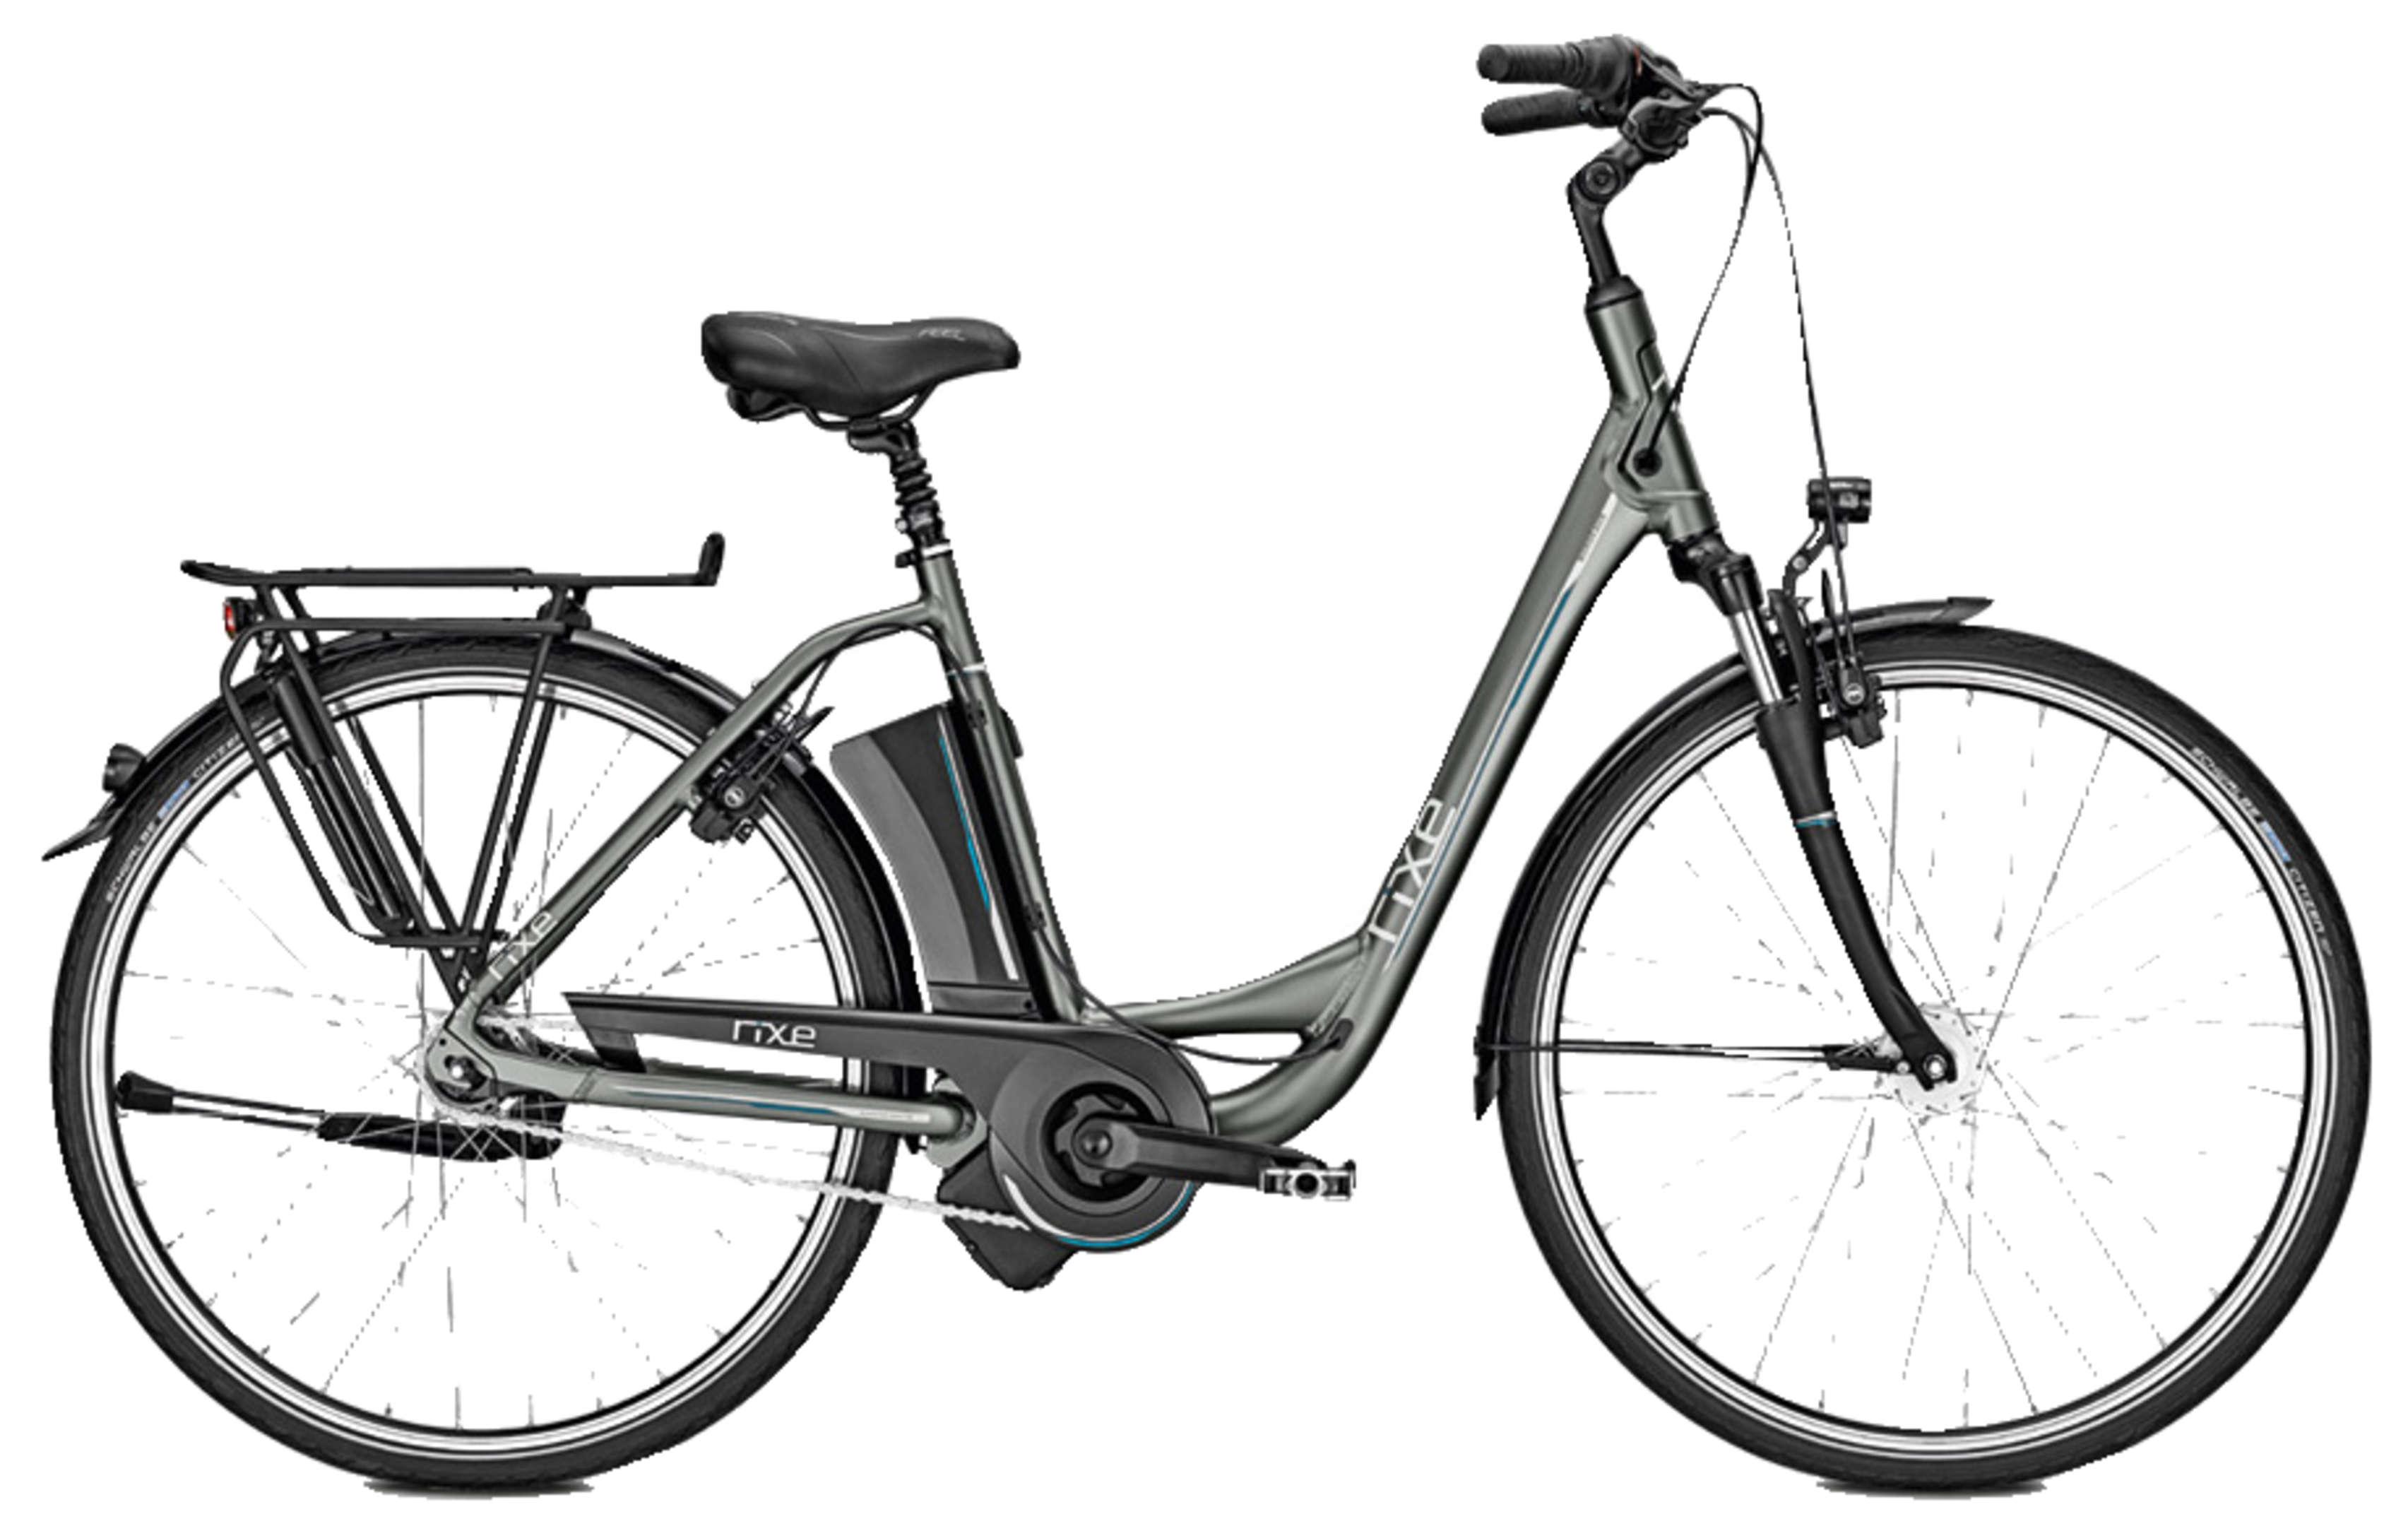 rixe e bike bordeaux i7 hs 7g 14ah 36v eurorad. Black Bedroom Furniture Sets. Home Design Ideas